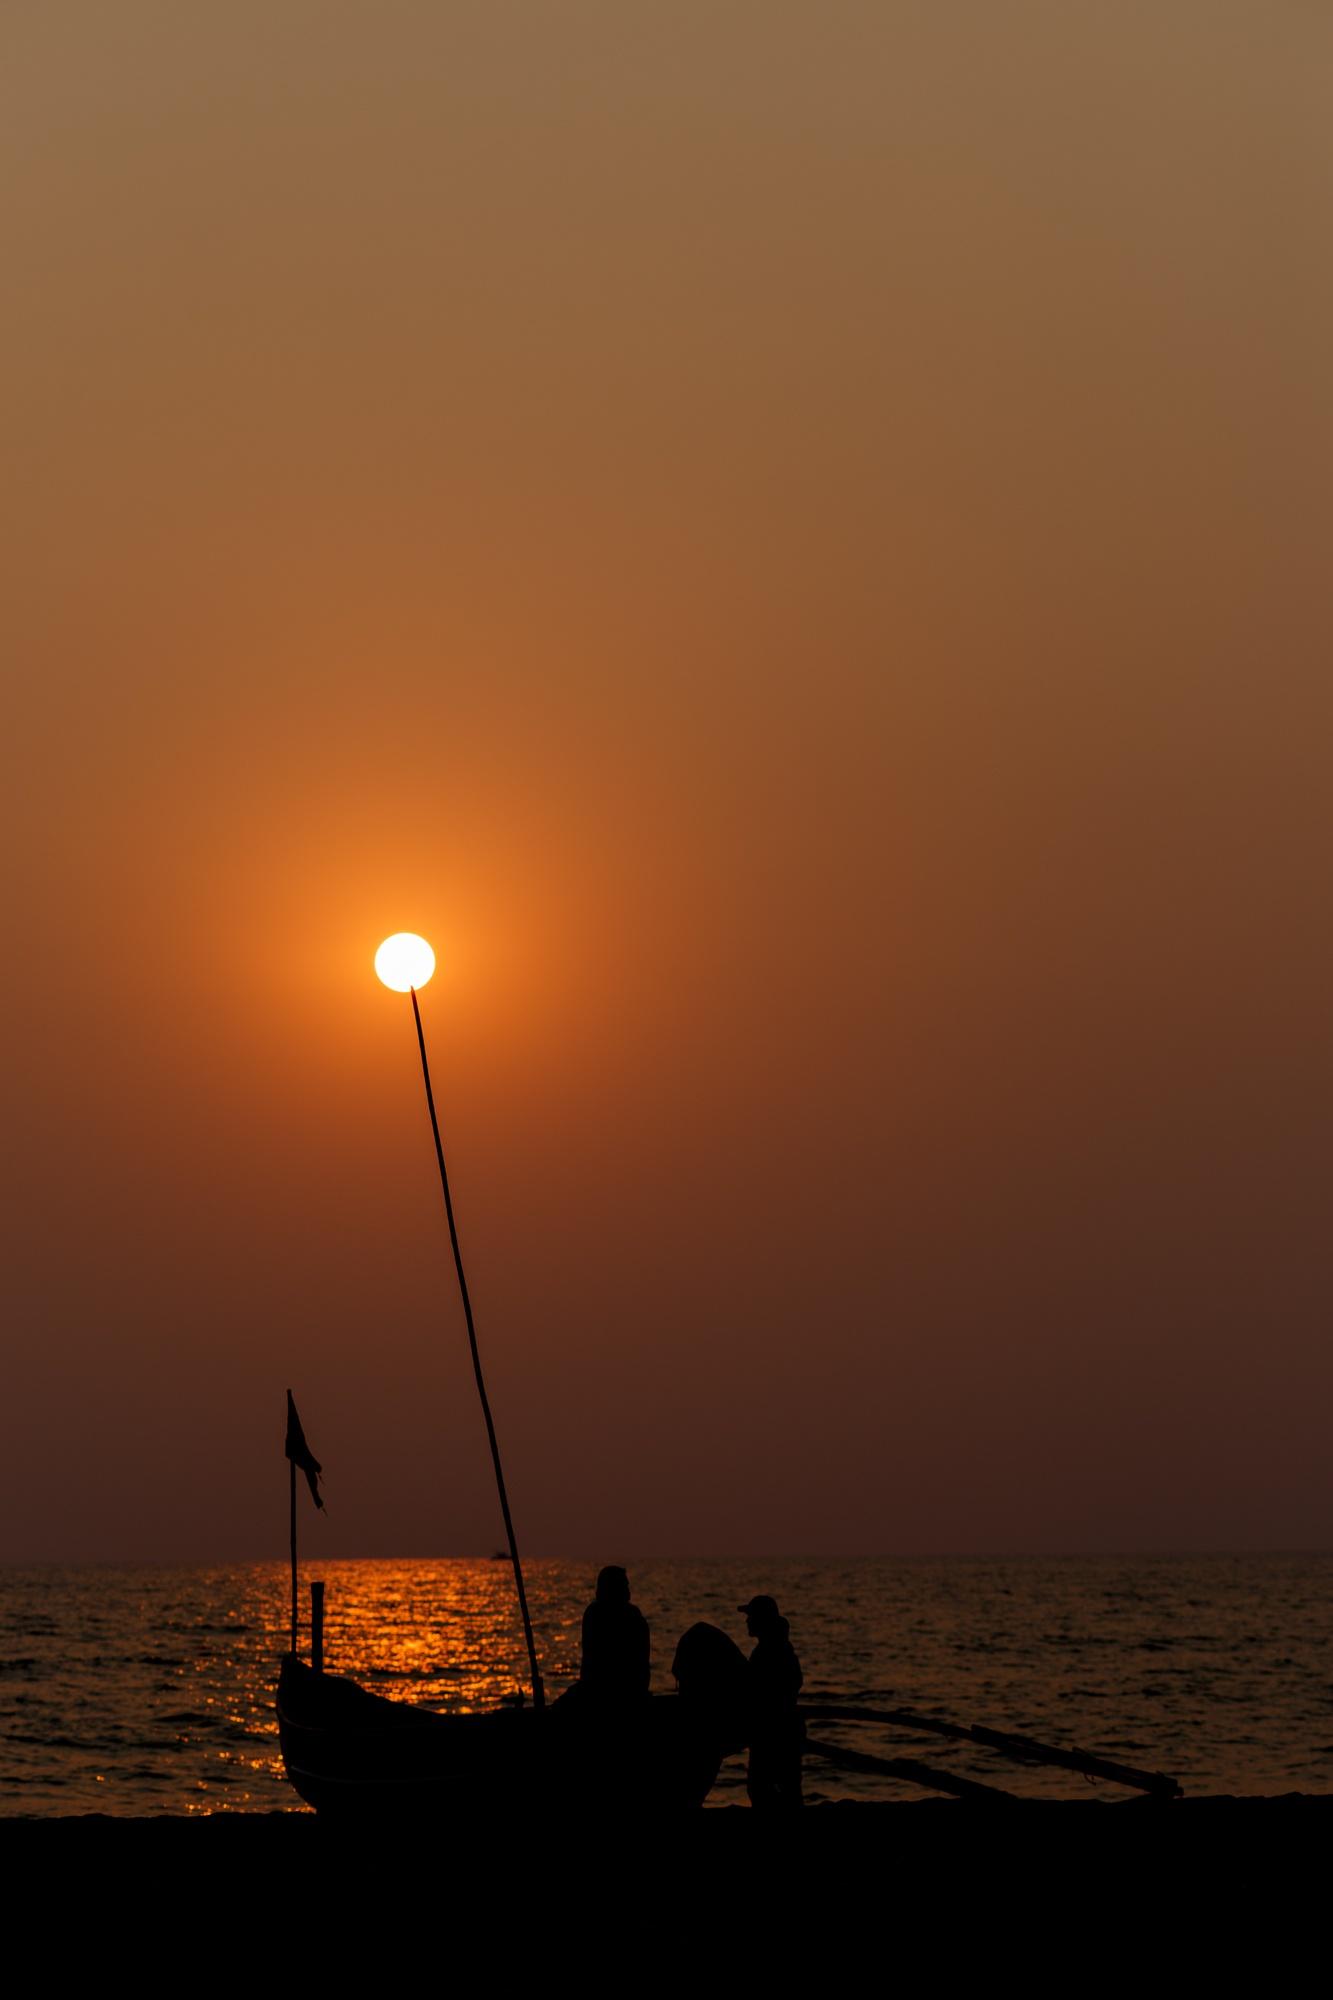 Sunset by Sergey Smirnov